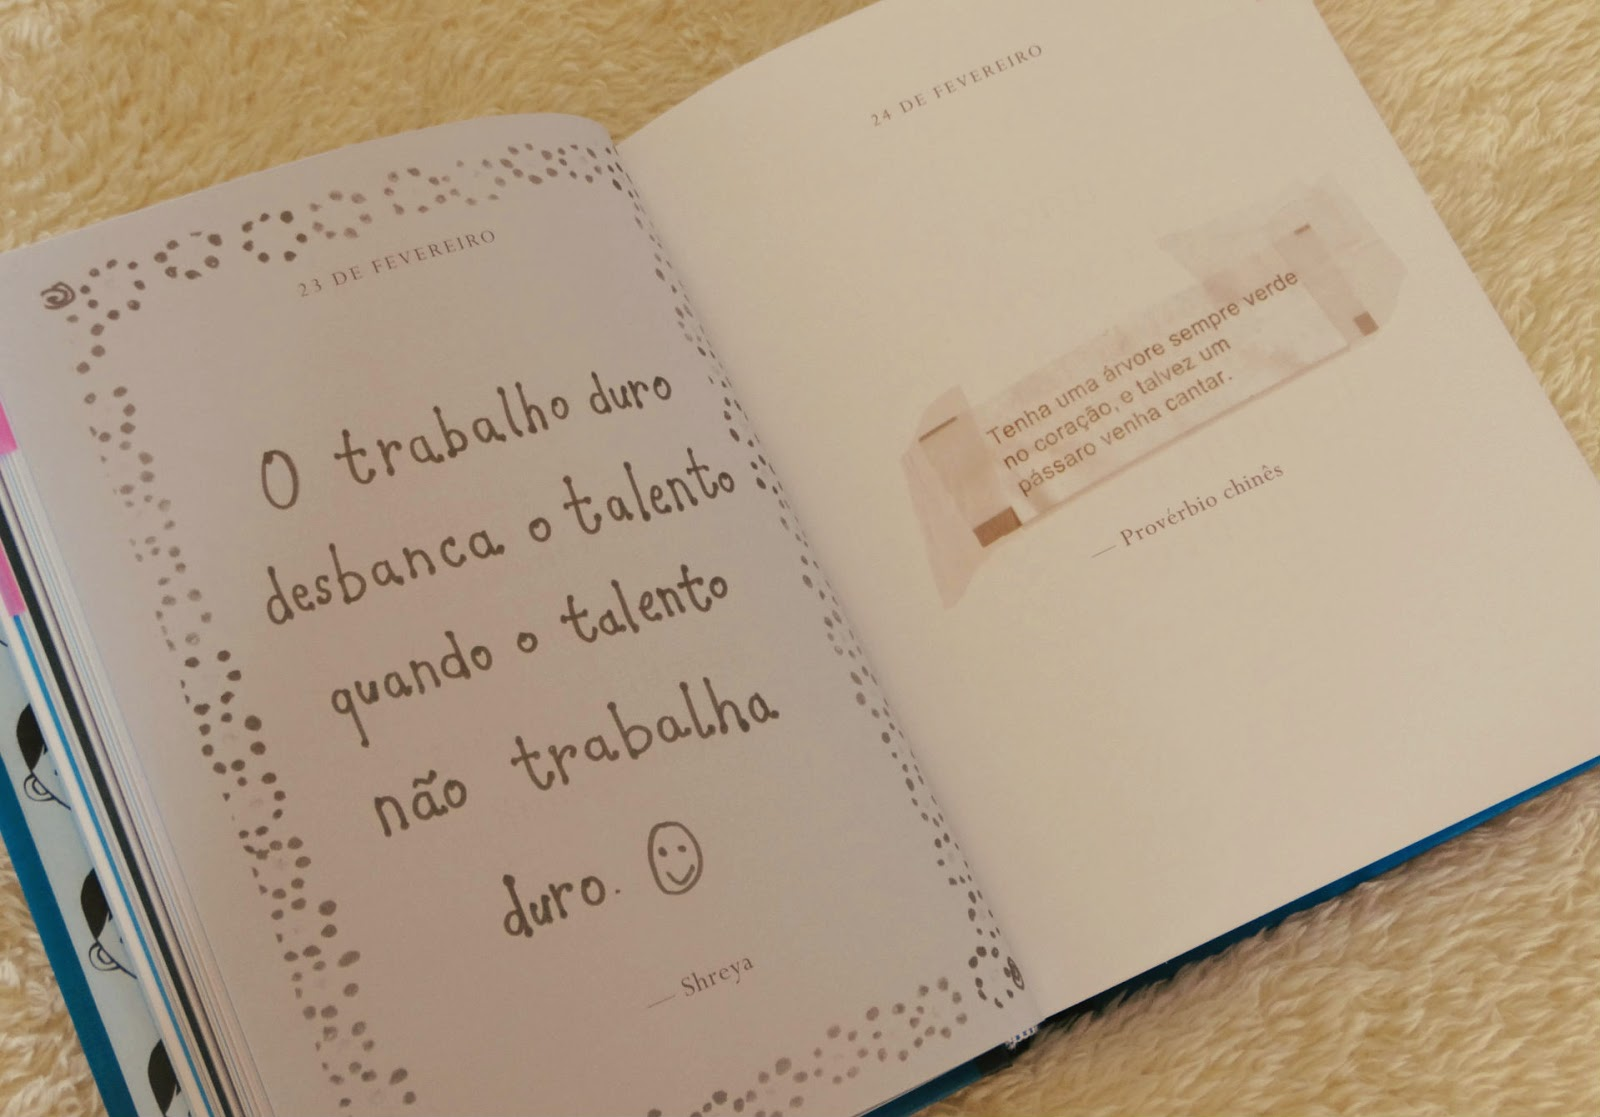 Resenha 365 Dias Extraordinários Rj Palacio Livros E Fuxicos